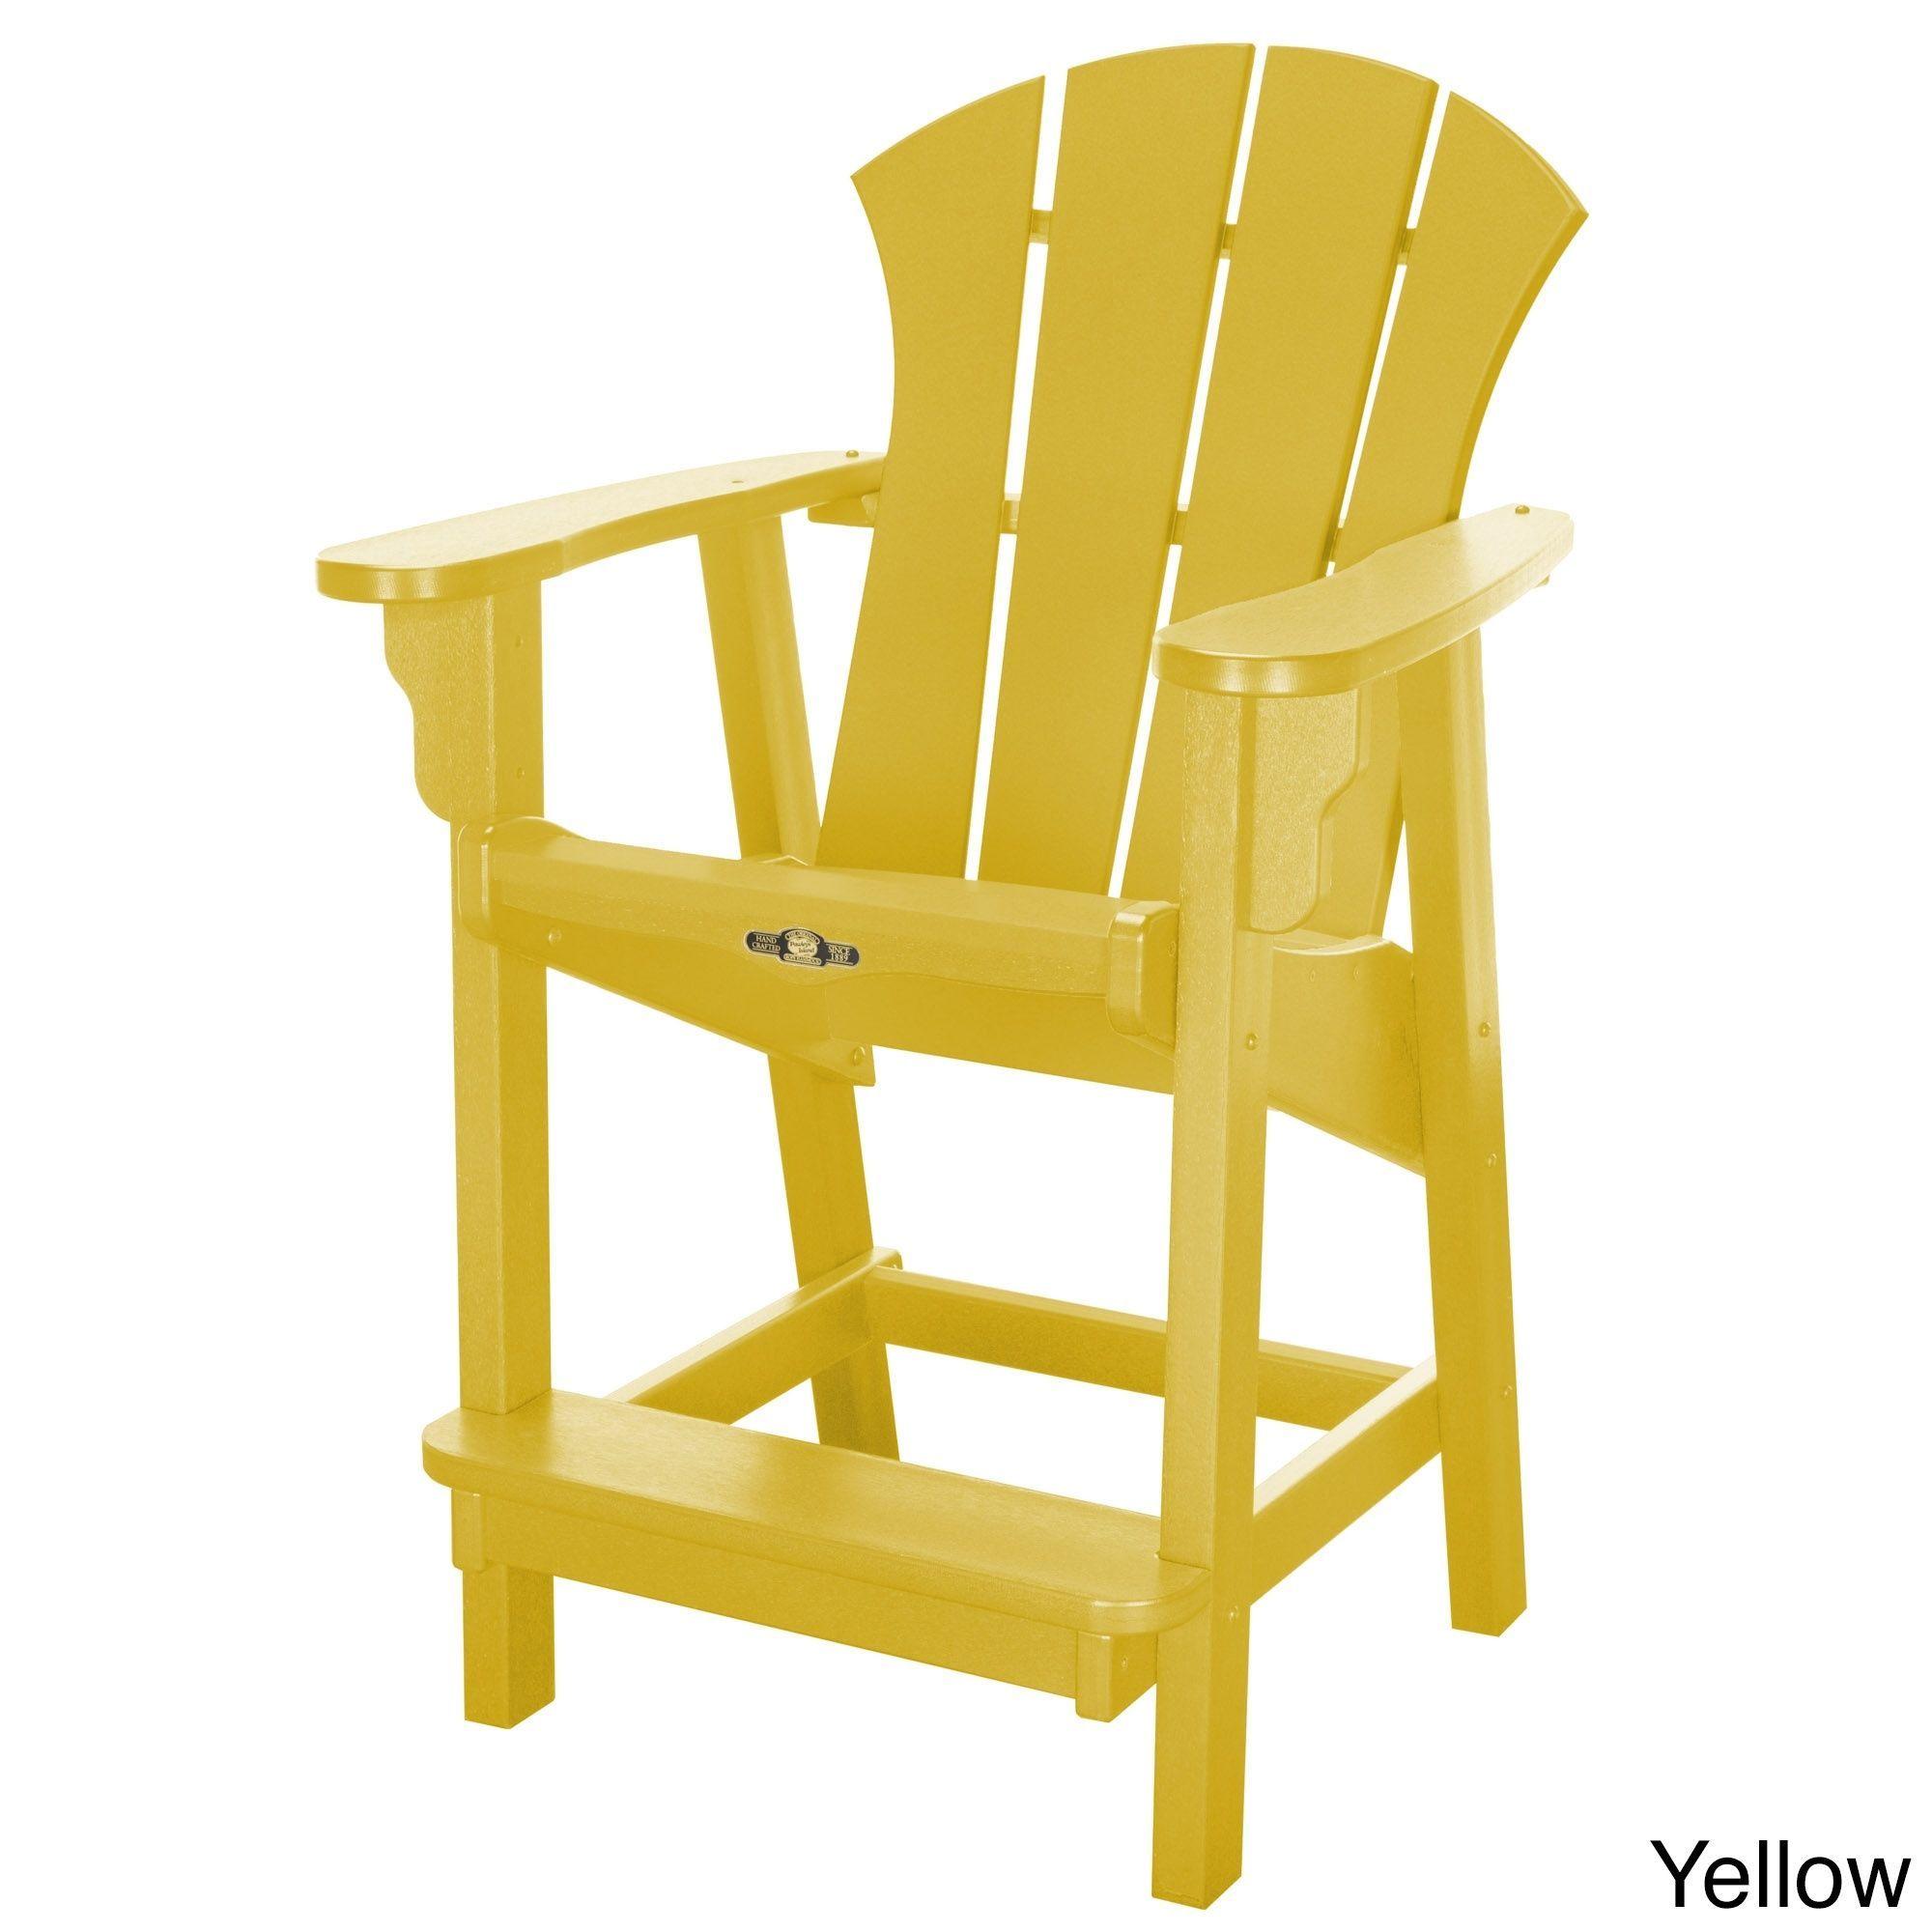 Pawleyus island sunrise durawood counterheight chair yellow